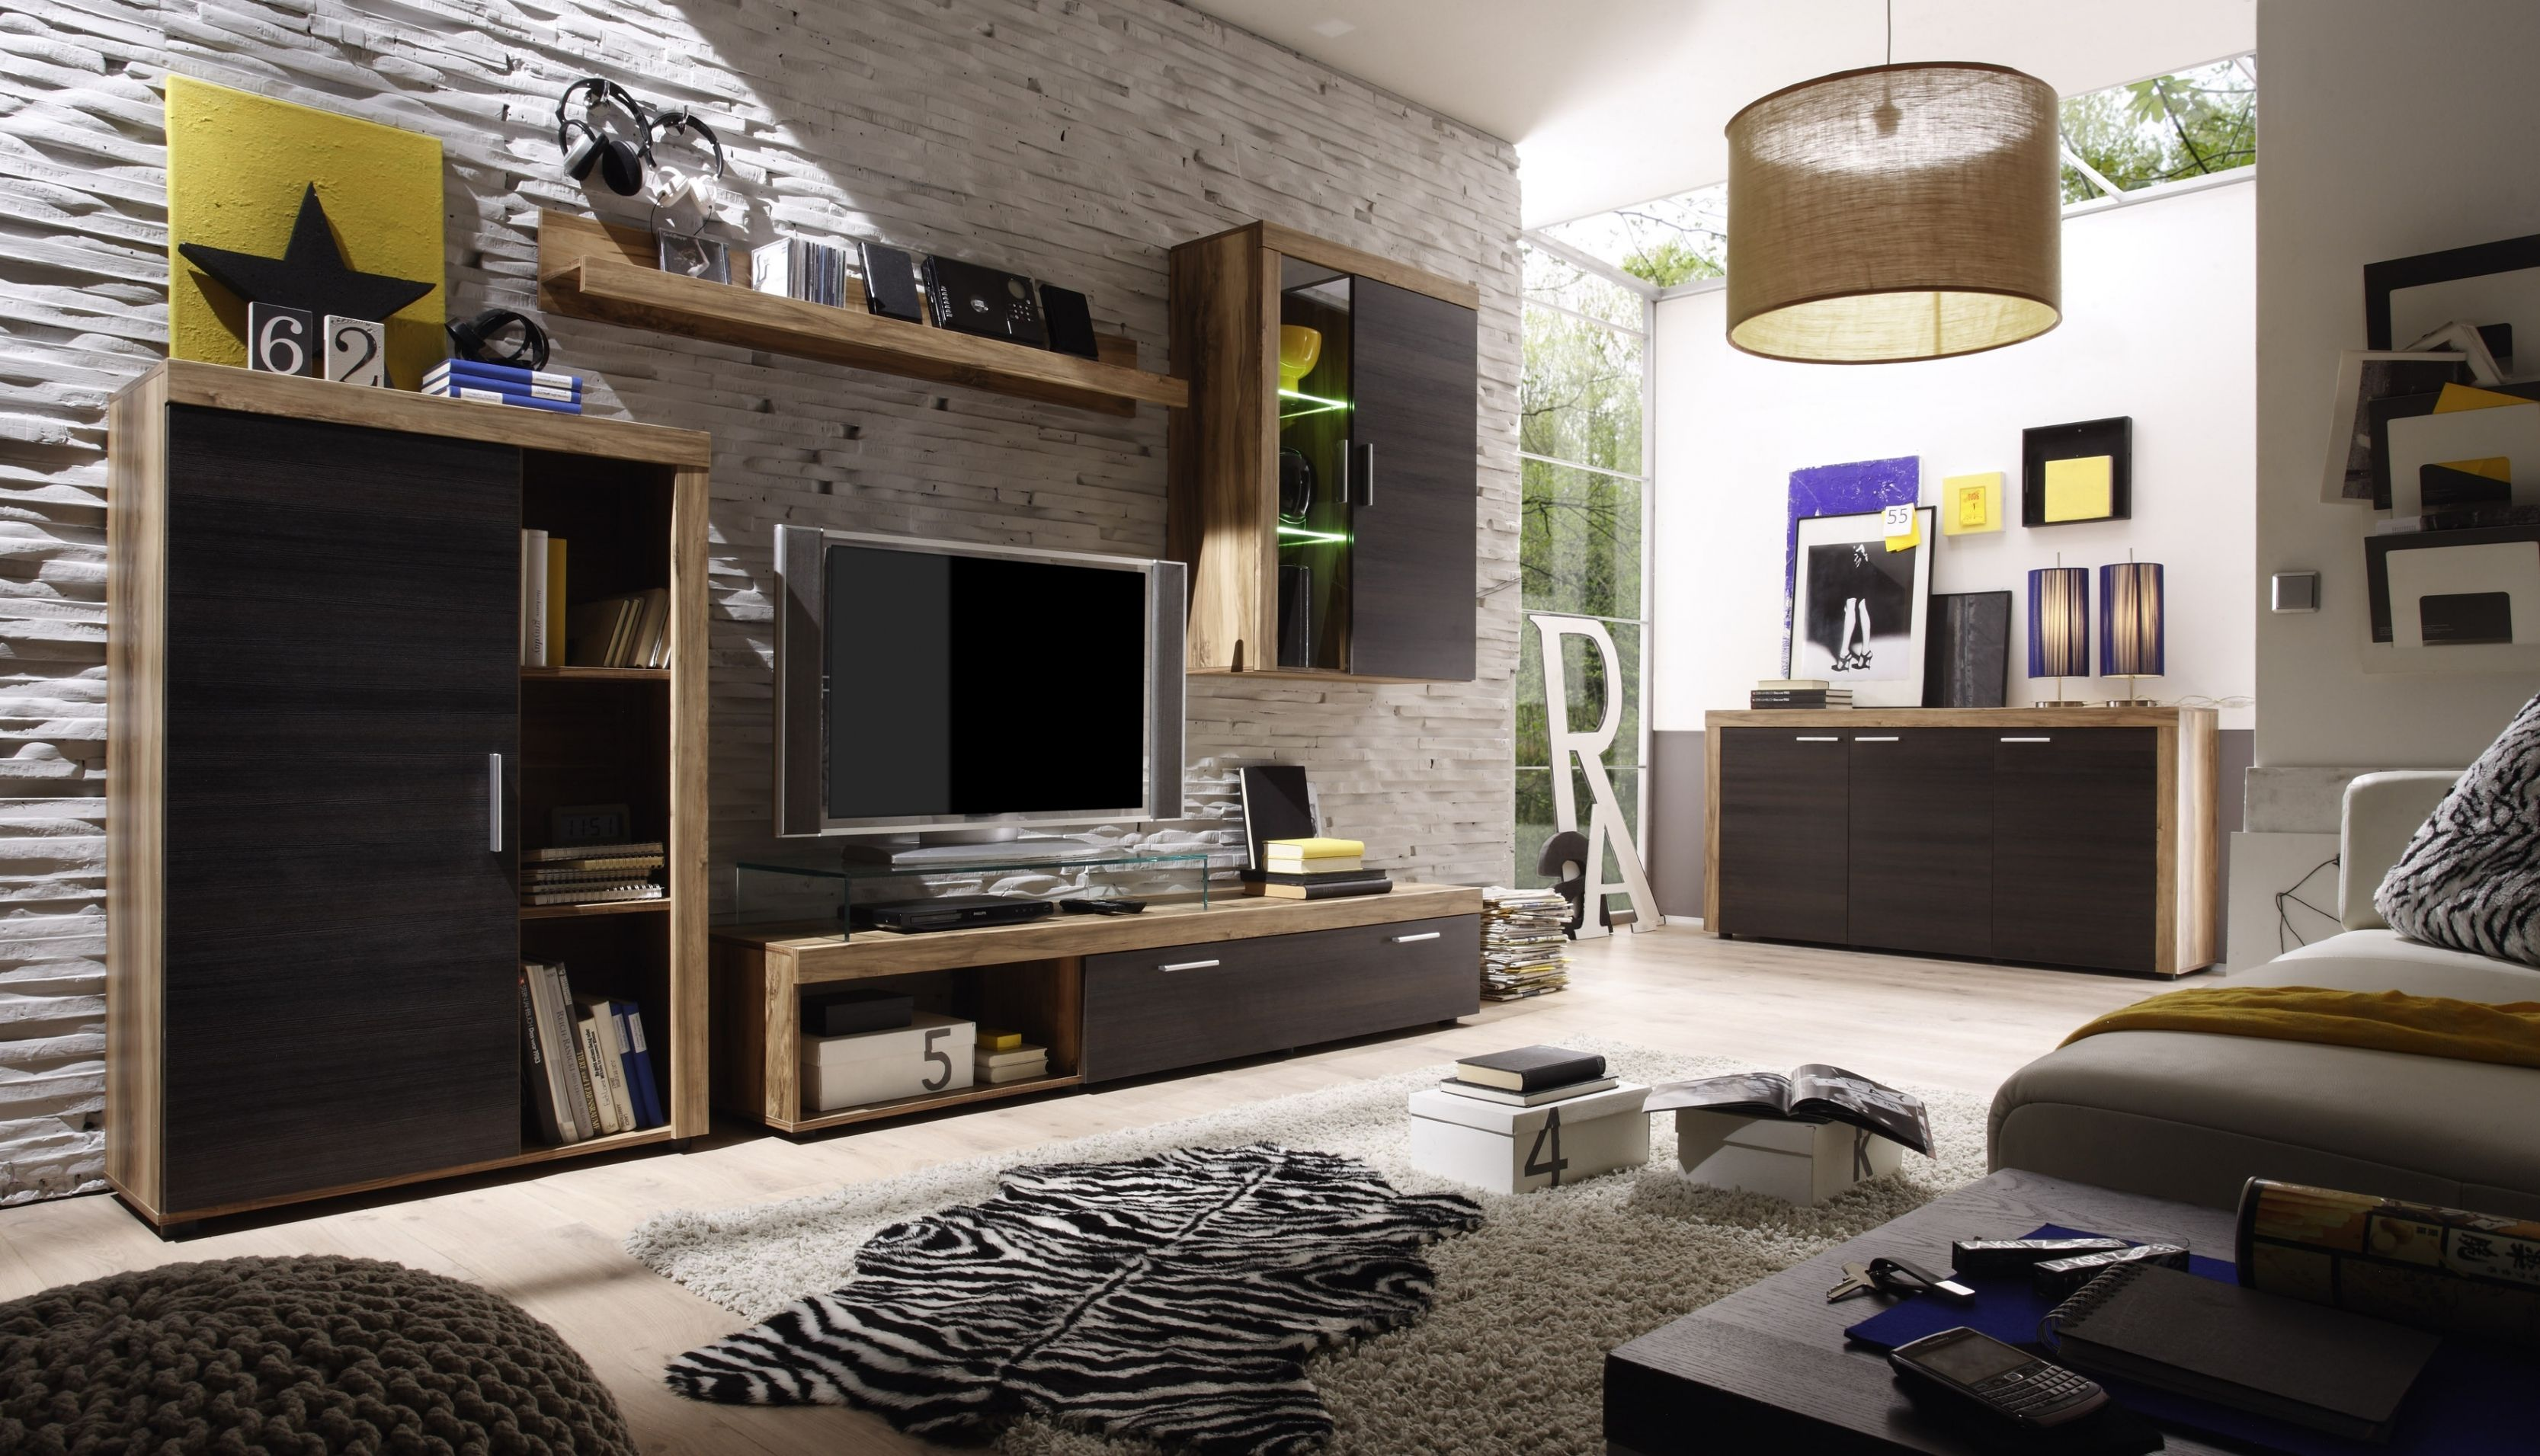 Stilvoll Wohnzimmermöbel Nussbaum Wohnzimmer deko Pinterest